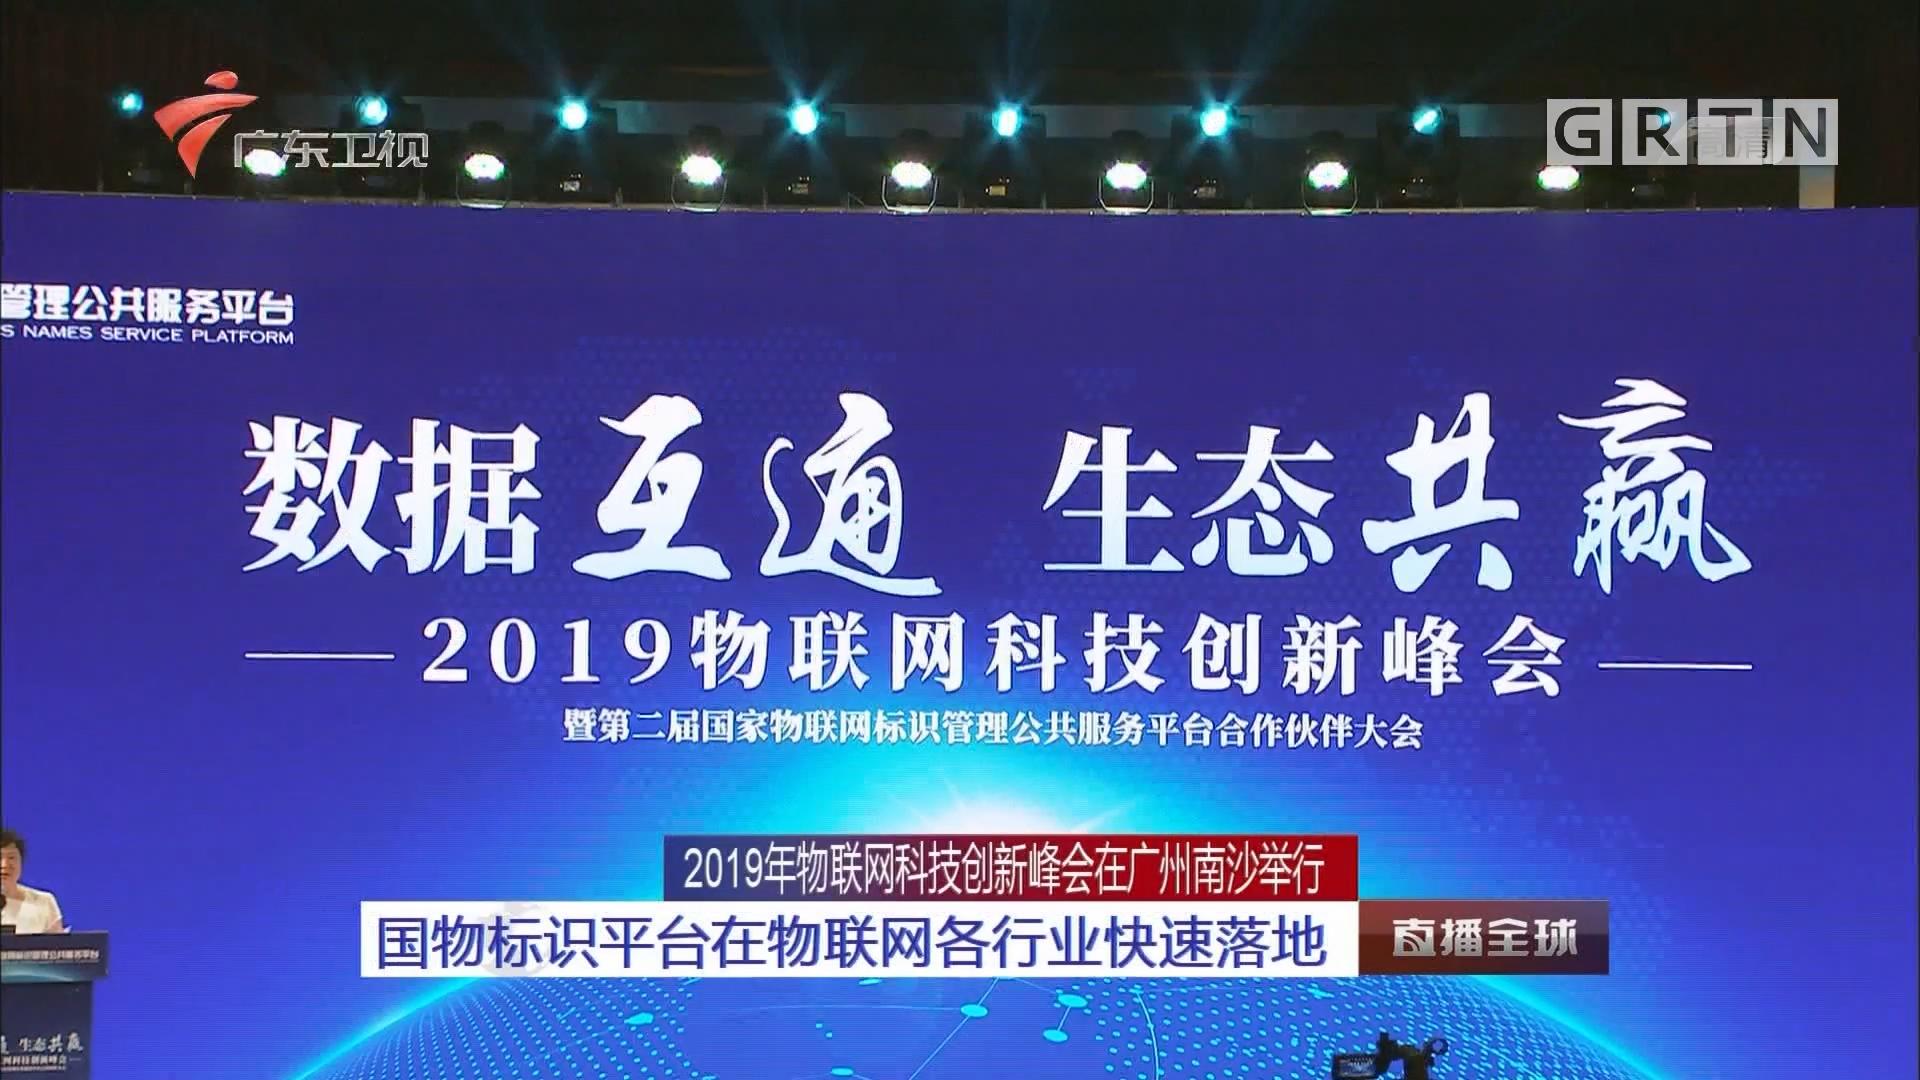 2019年物联网科技创新峰会在广州南沙举行 国物标识平台在物联网各行业快速落地